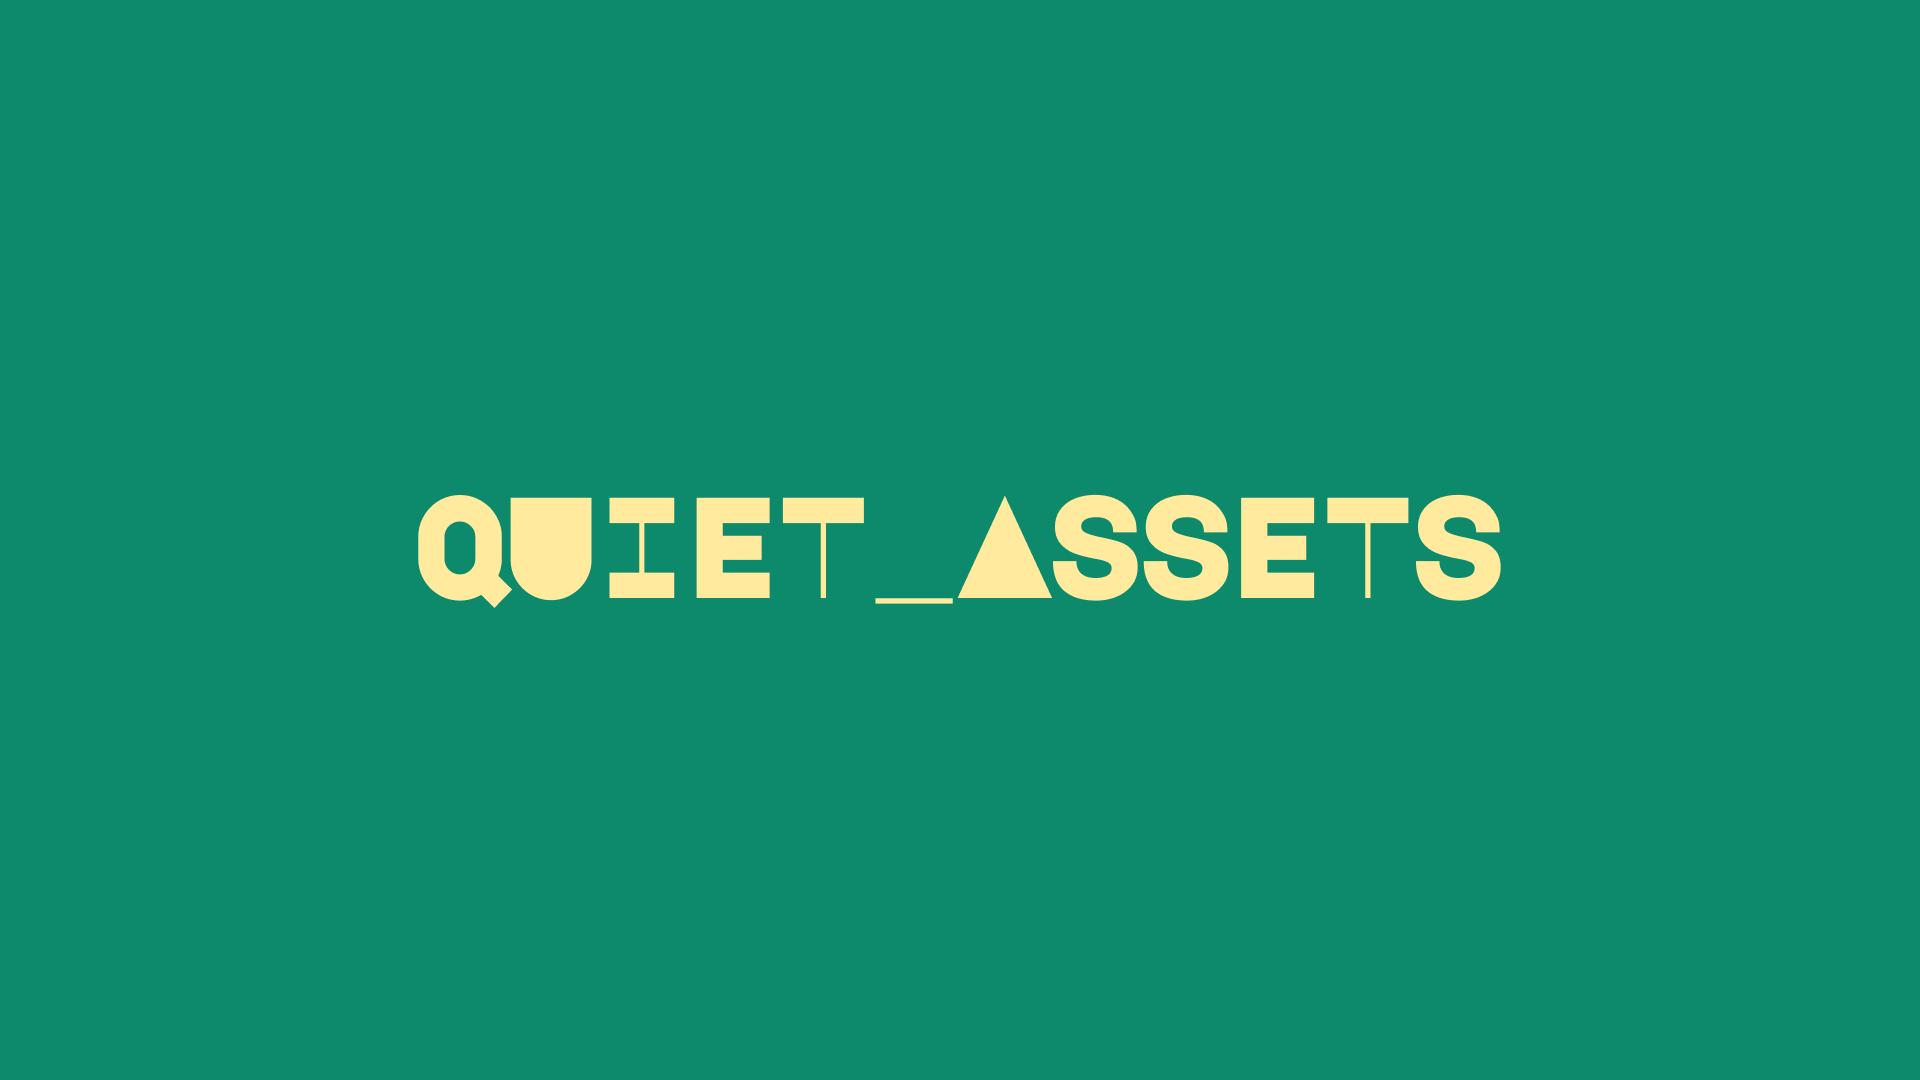 Open-sourcing sprockets-rails predecessor, quiet_assets gem by Evrone